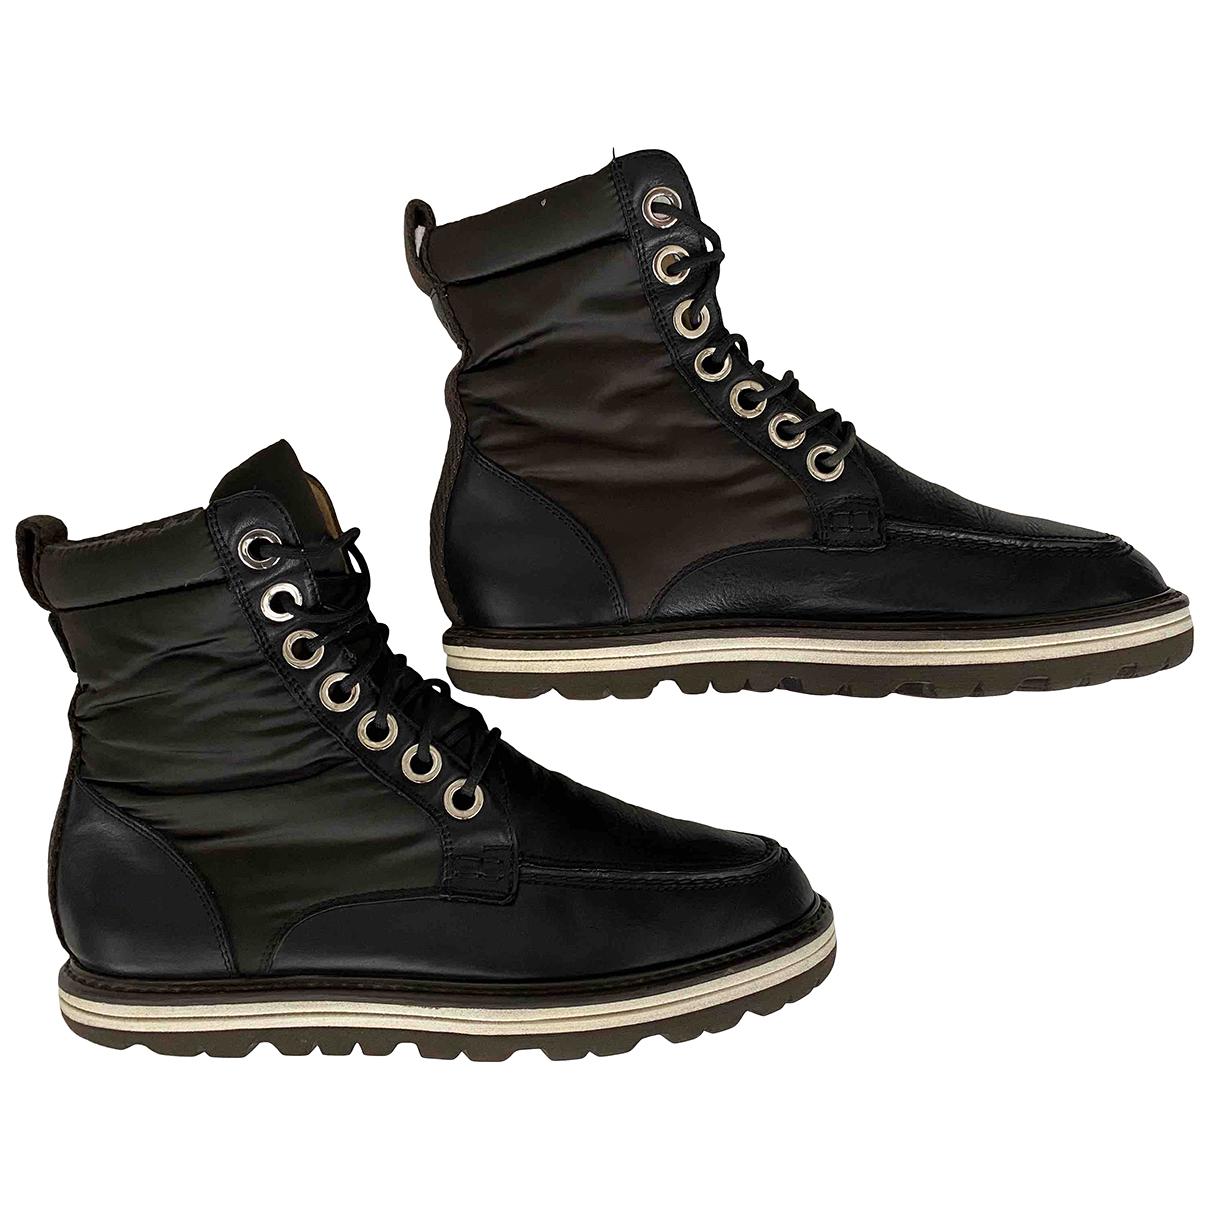 Dolce & Gabbana - Bottes.Boots   pour homme en cuir - marron